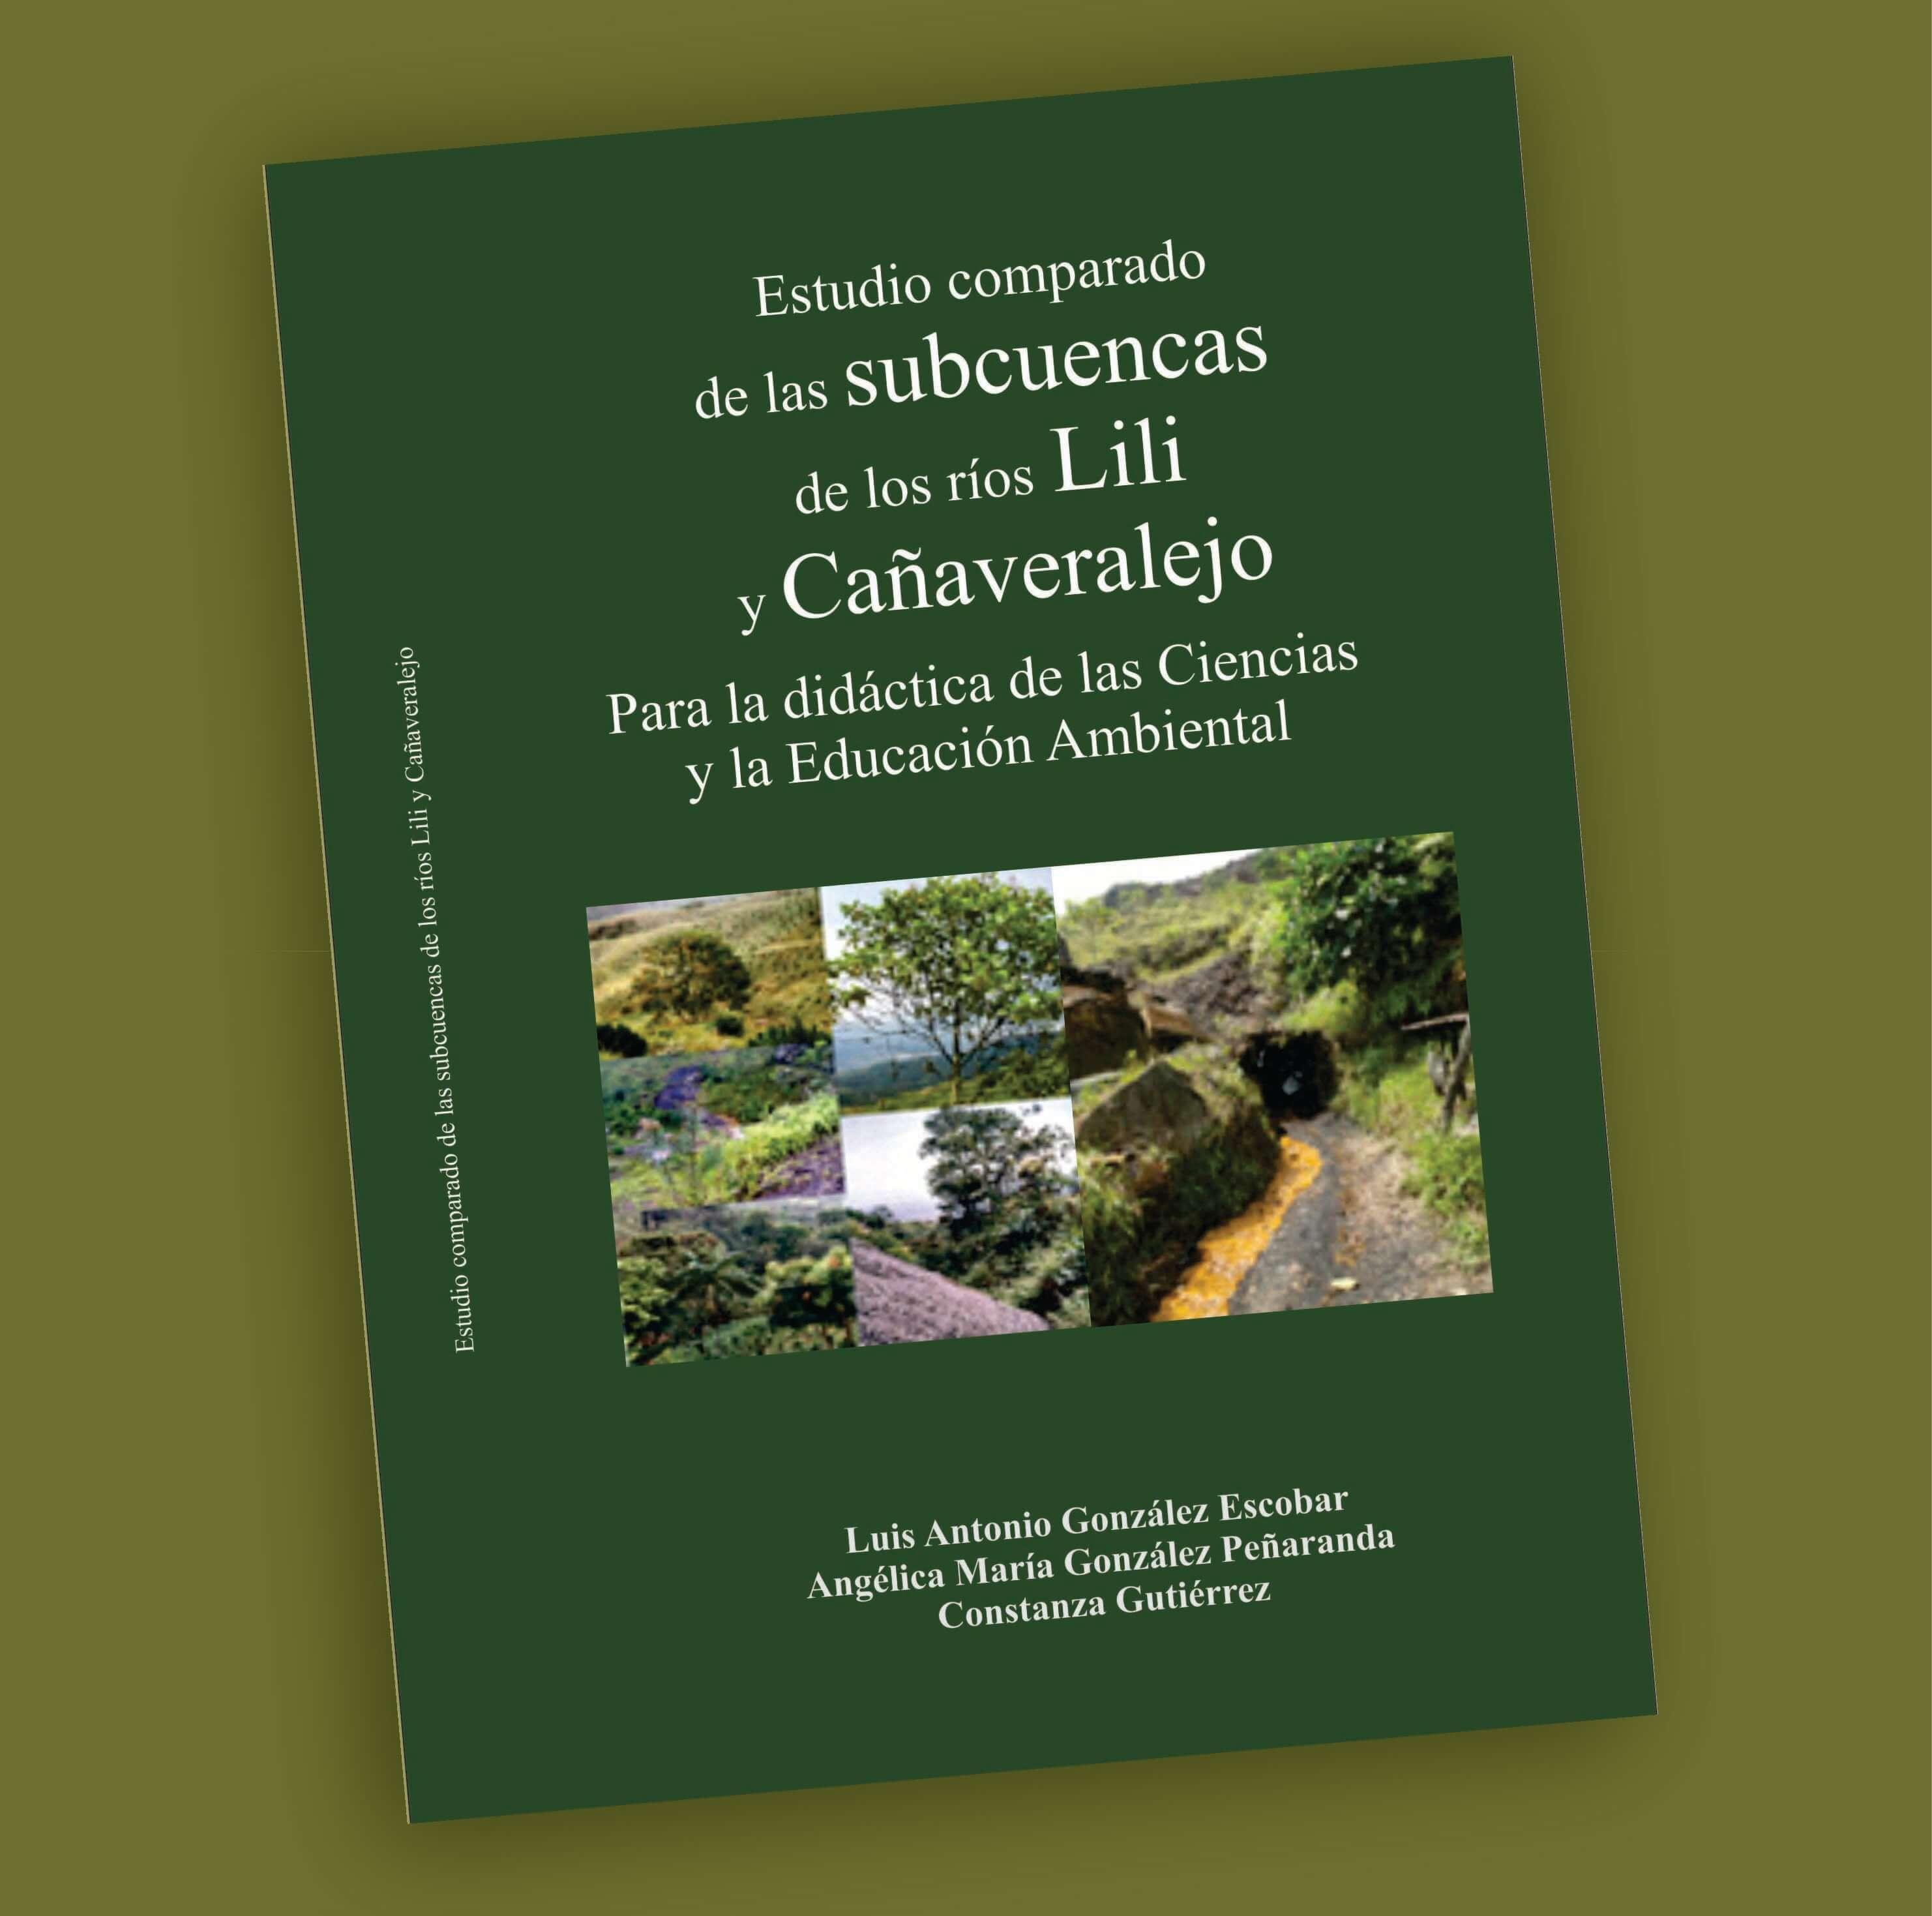 Subcuencas de los ríos Lili y Cañaveralejo- Luis Antonio González